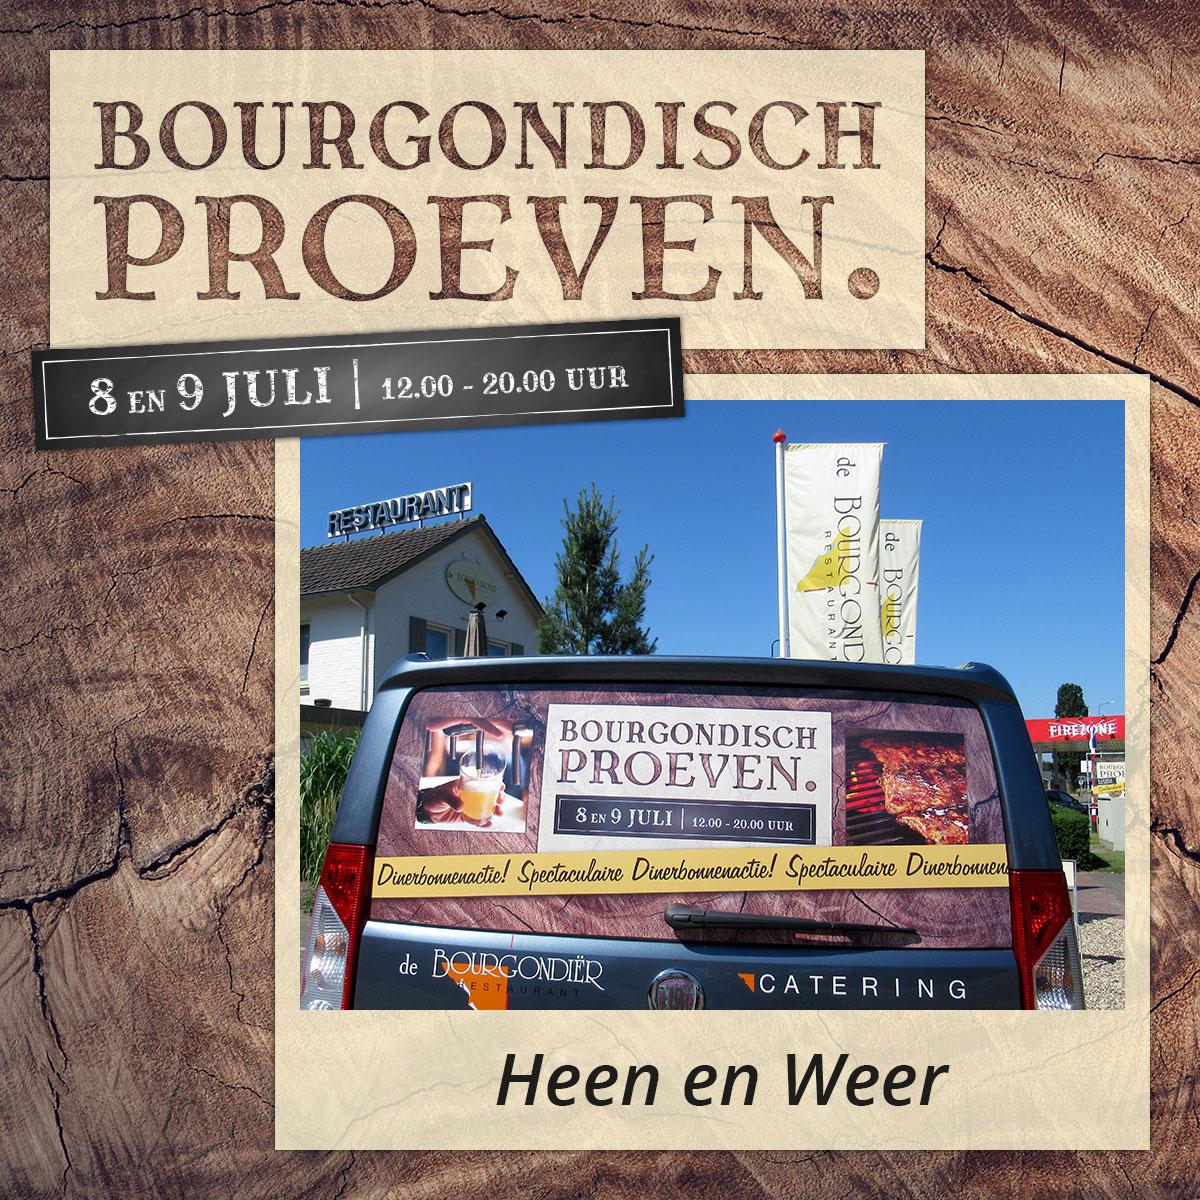 De Bourgondiër – Bourgondisch Proeven. – Facebookbericht – Heen-en-weer